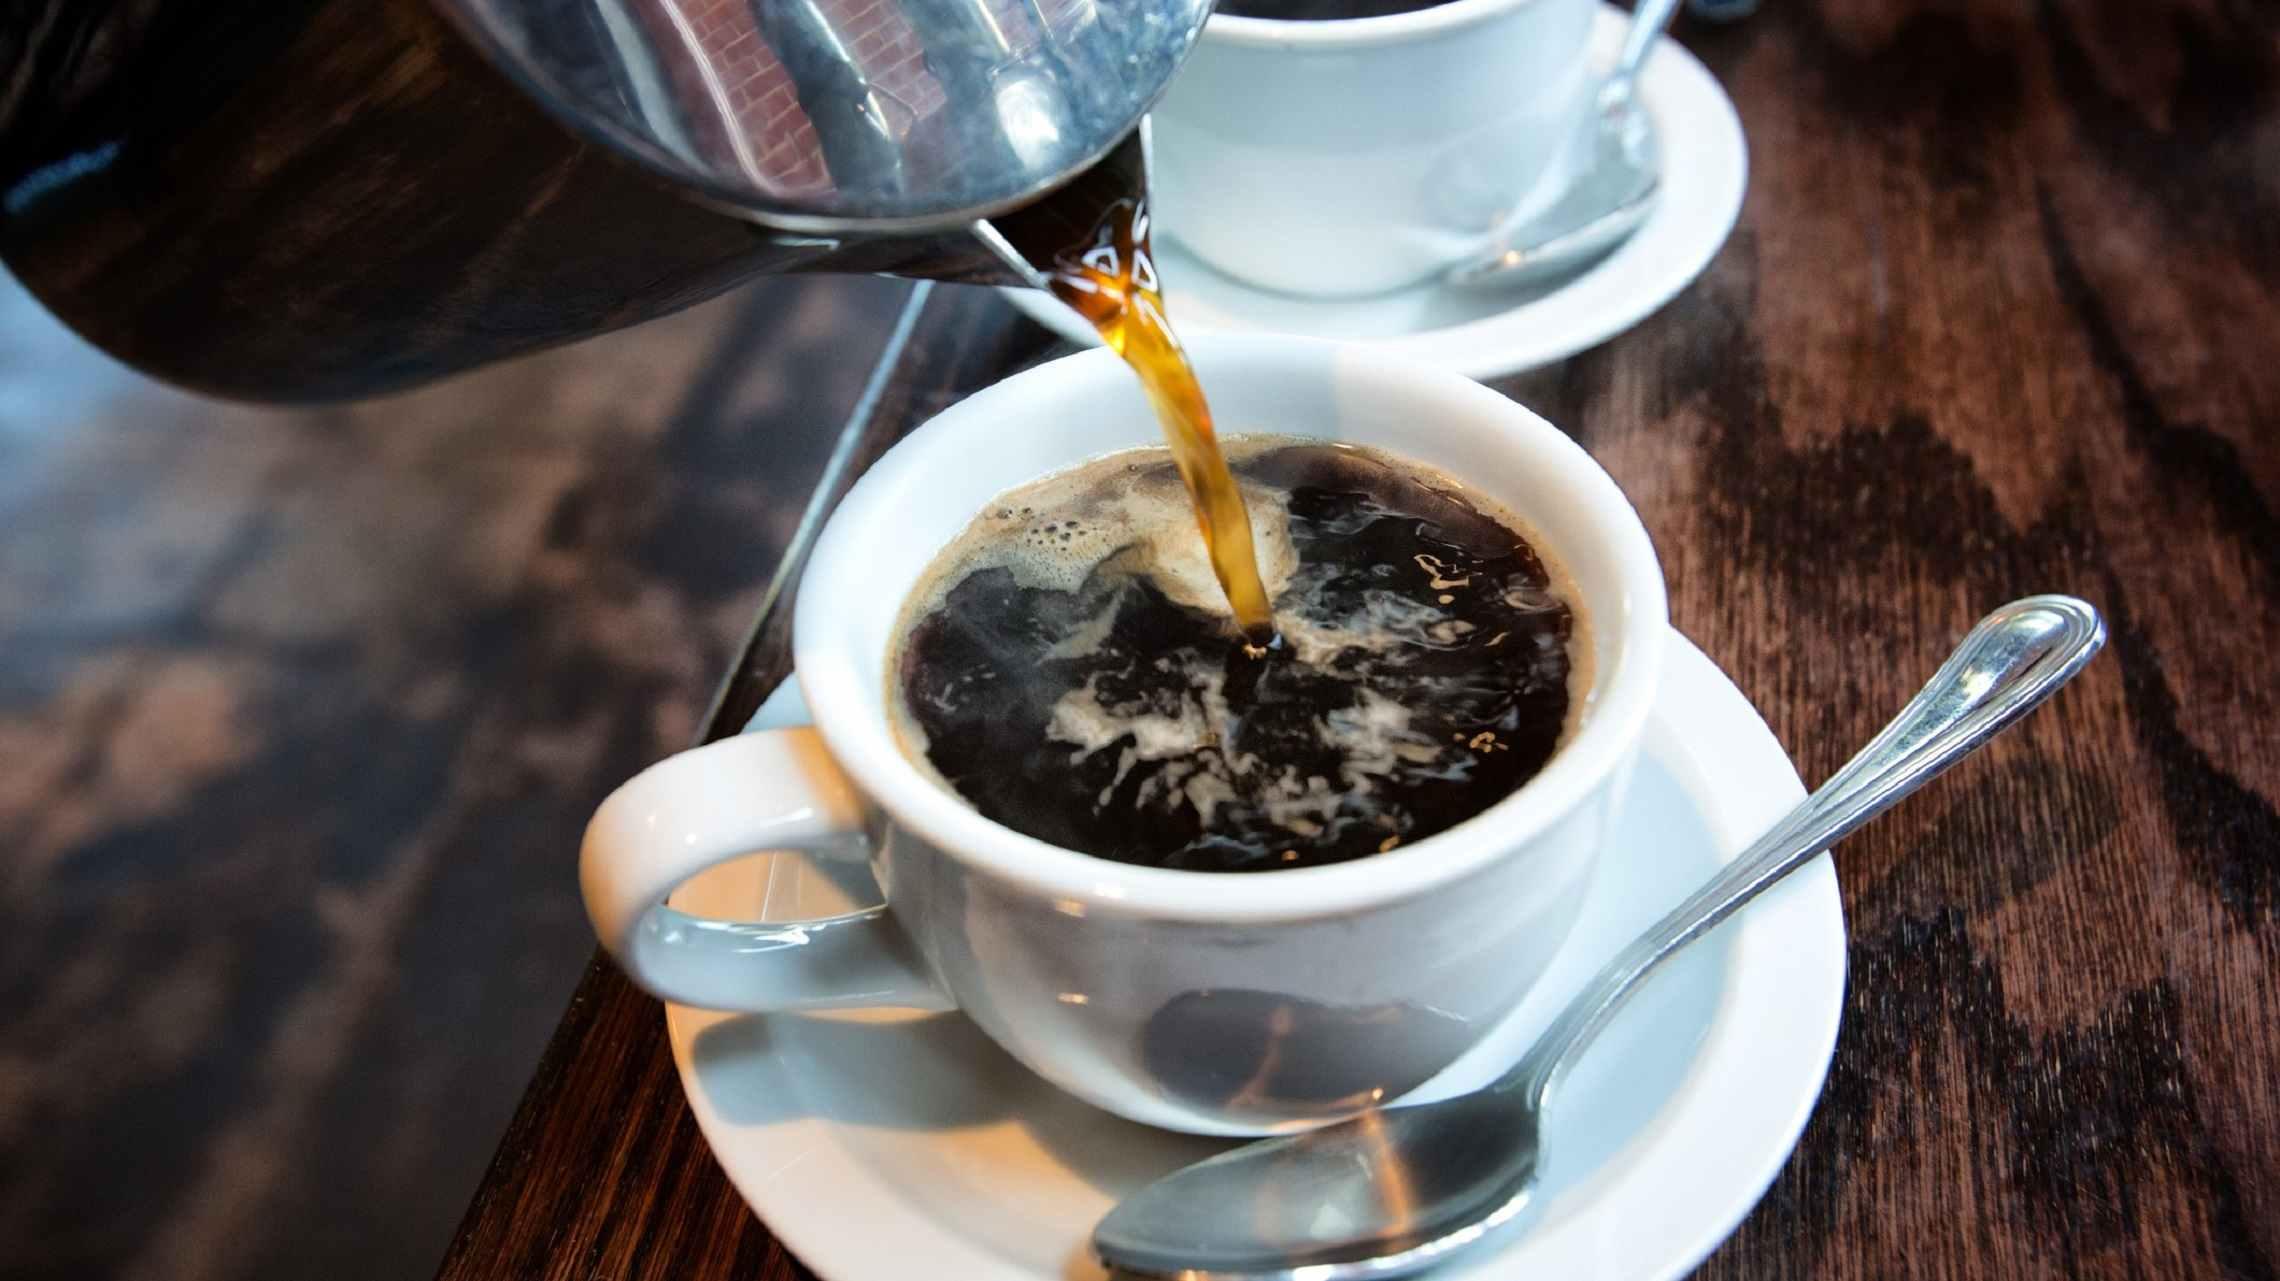 Kuumaa-kahvia-ruoka-ja-juoma-1920x1079.jpg